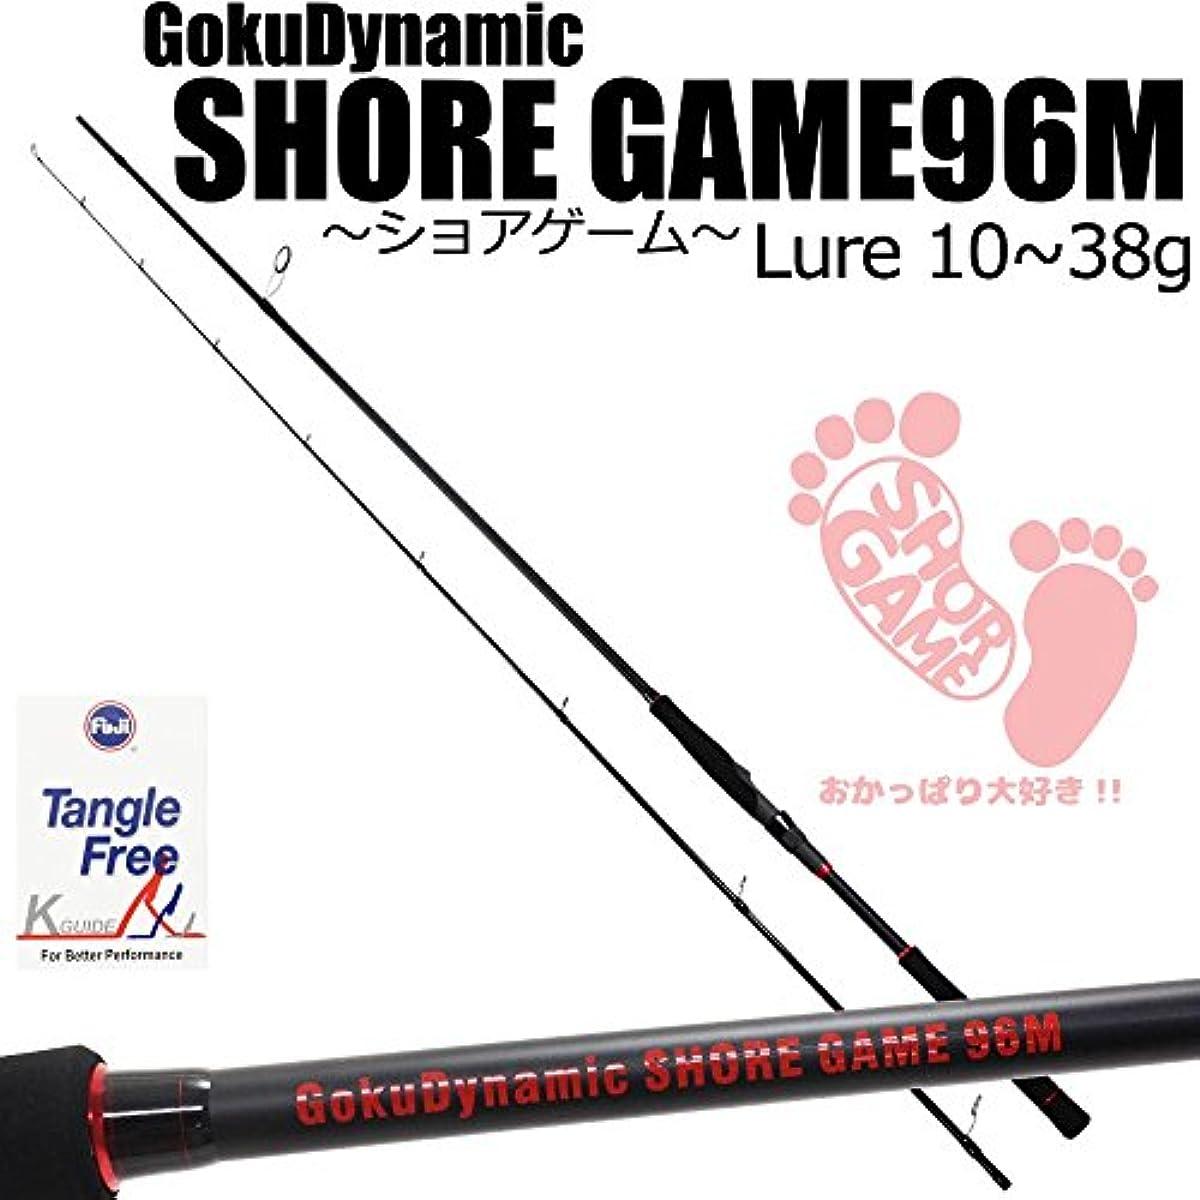 [해외] 슈퍼 라이트 쇼어지깅 GOKUDYNAMIC SHOREGAME96M GOKU-086583